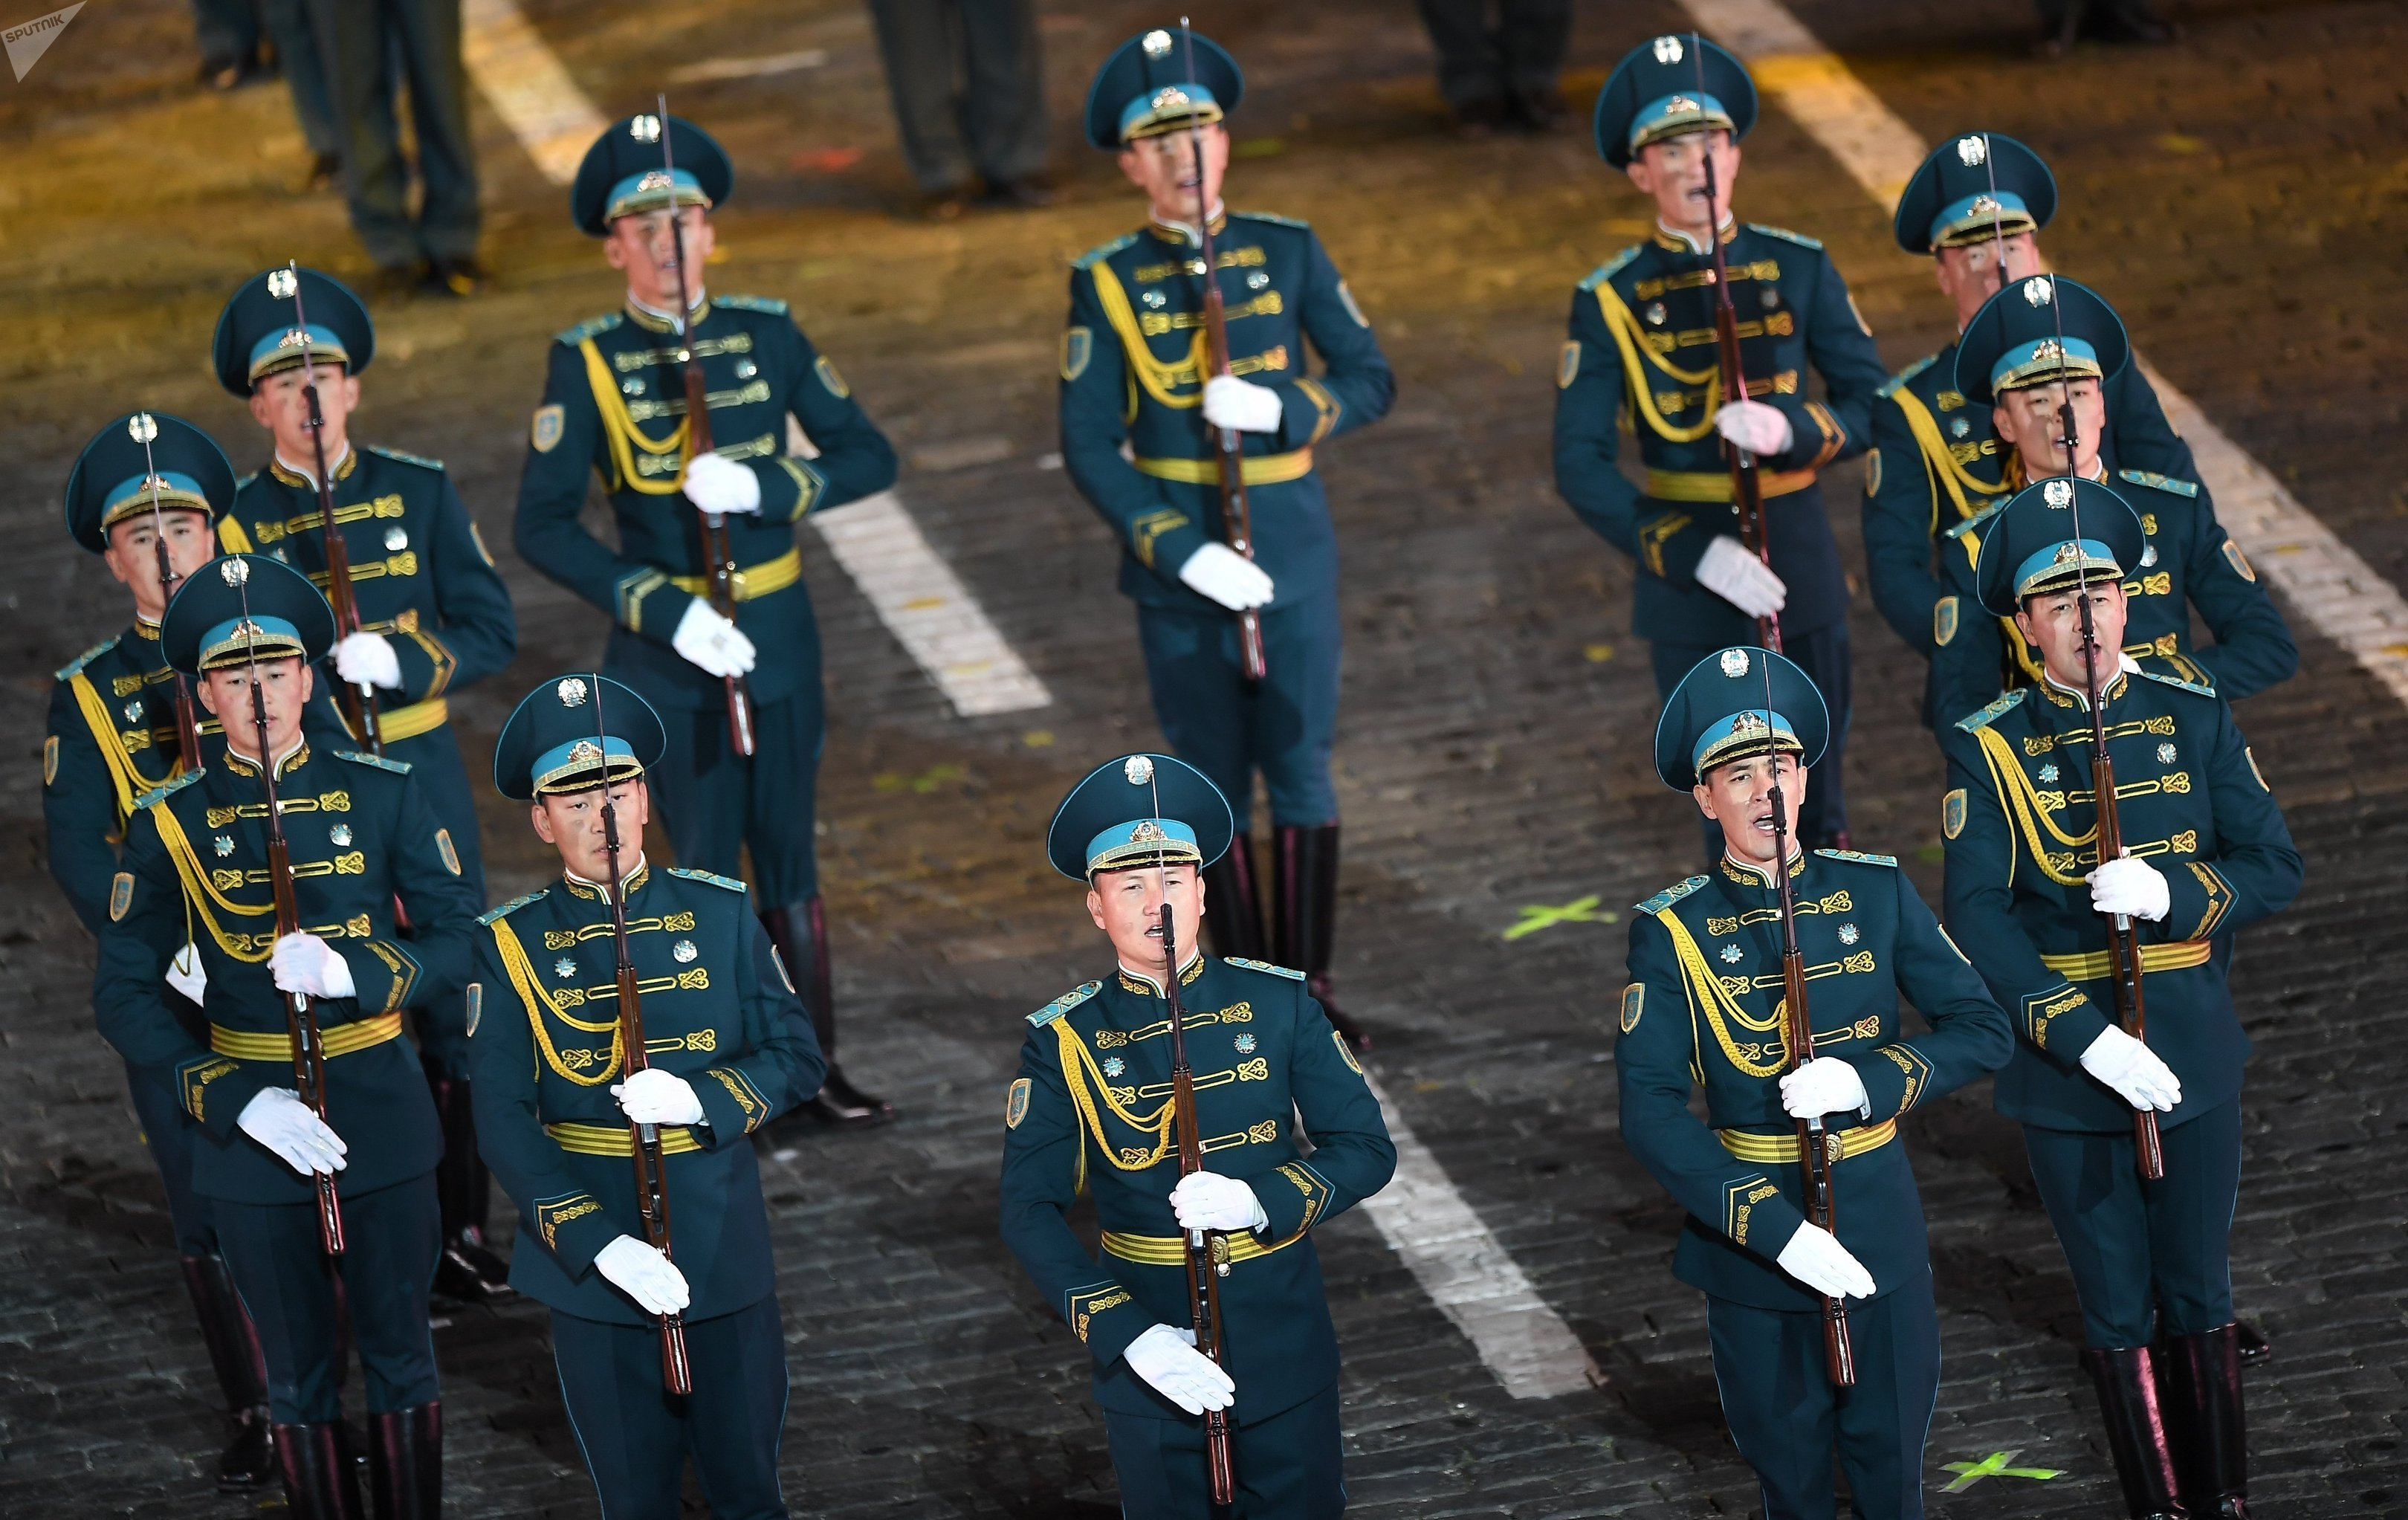 Рота почетного караула Президентского полка Айбын на открытии фестиваля Спасская башня